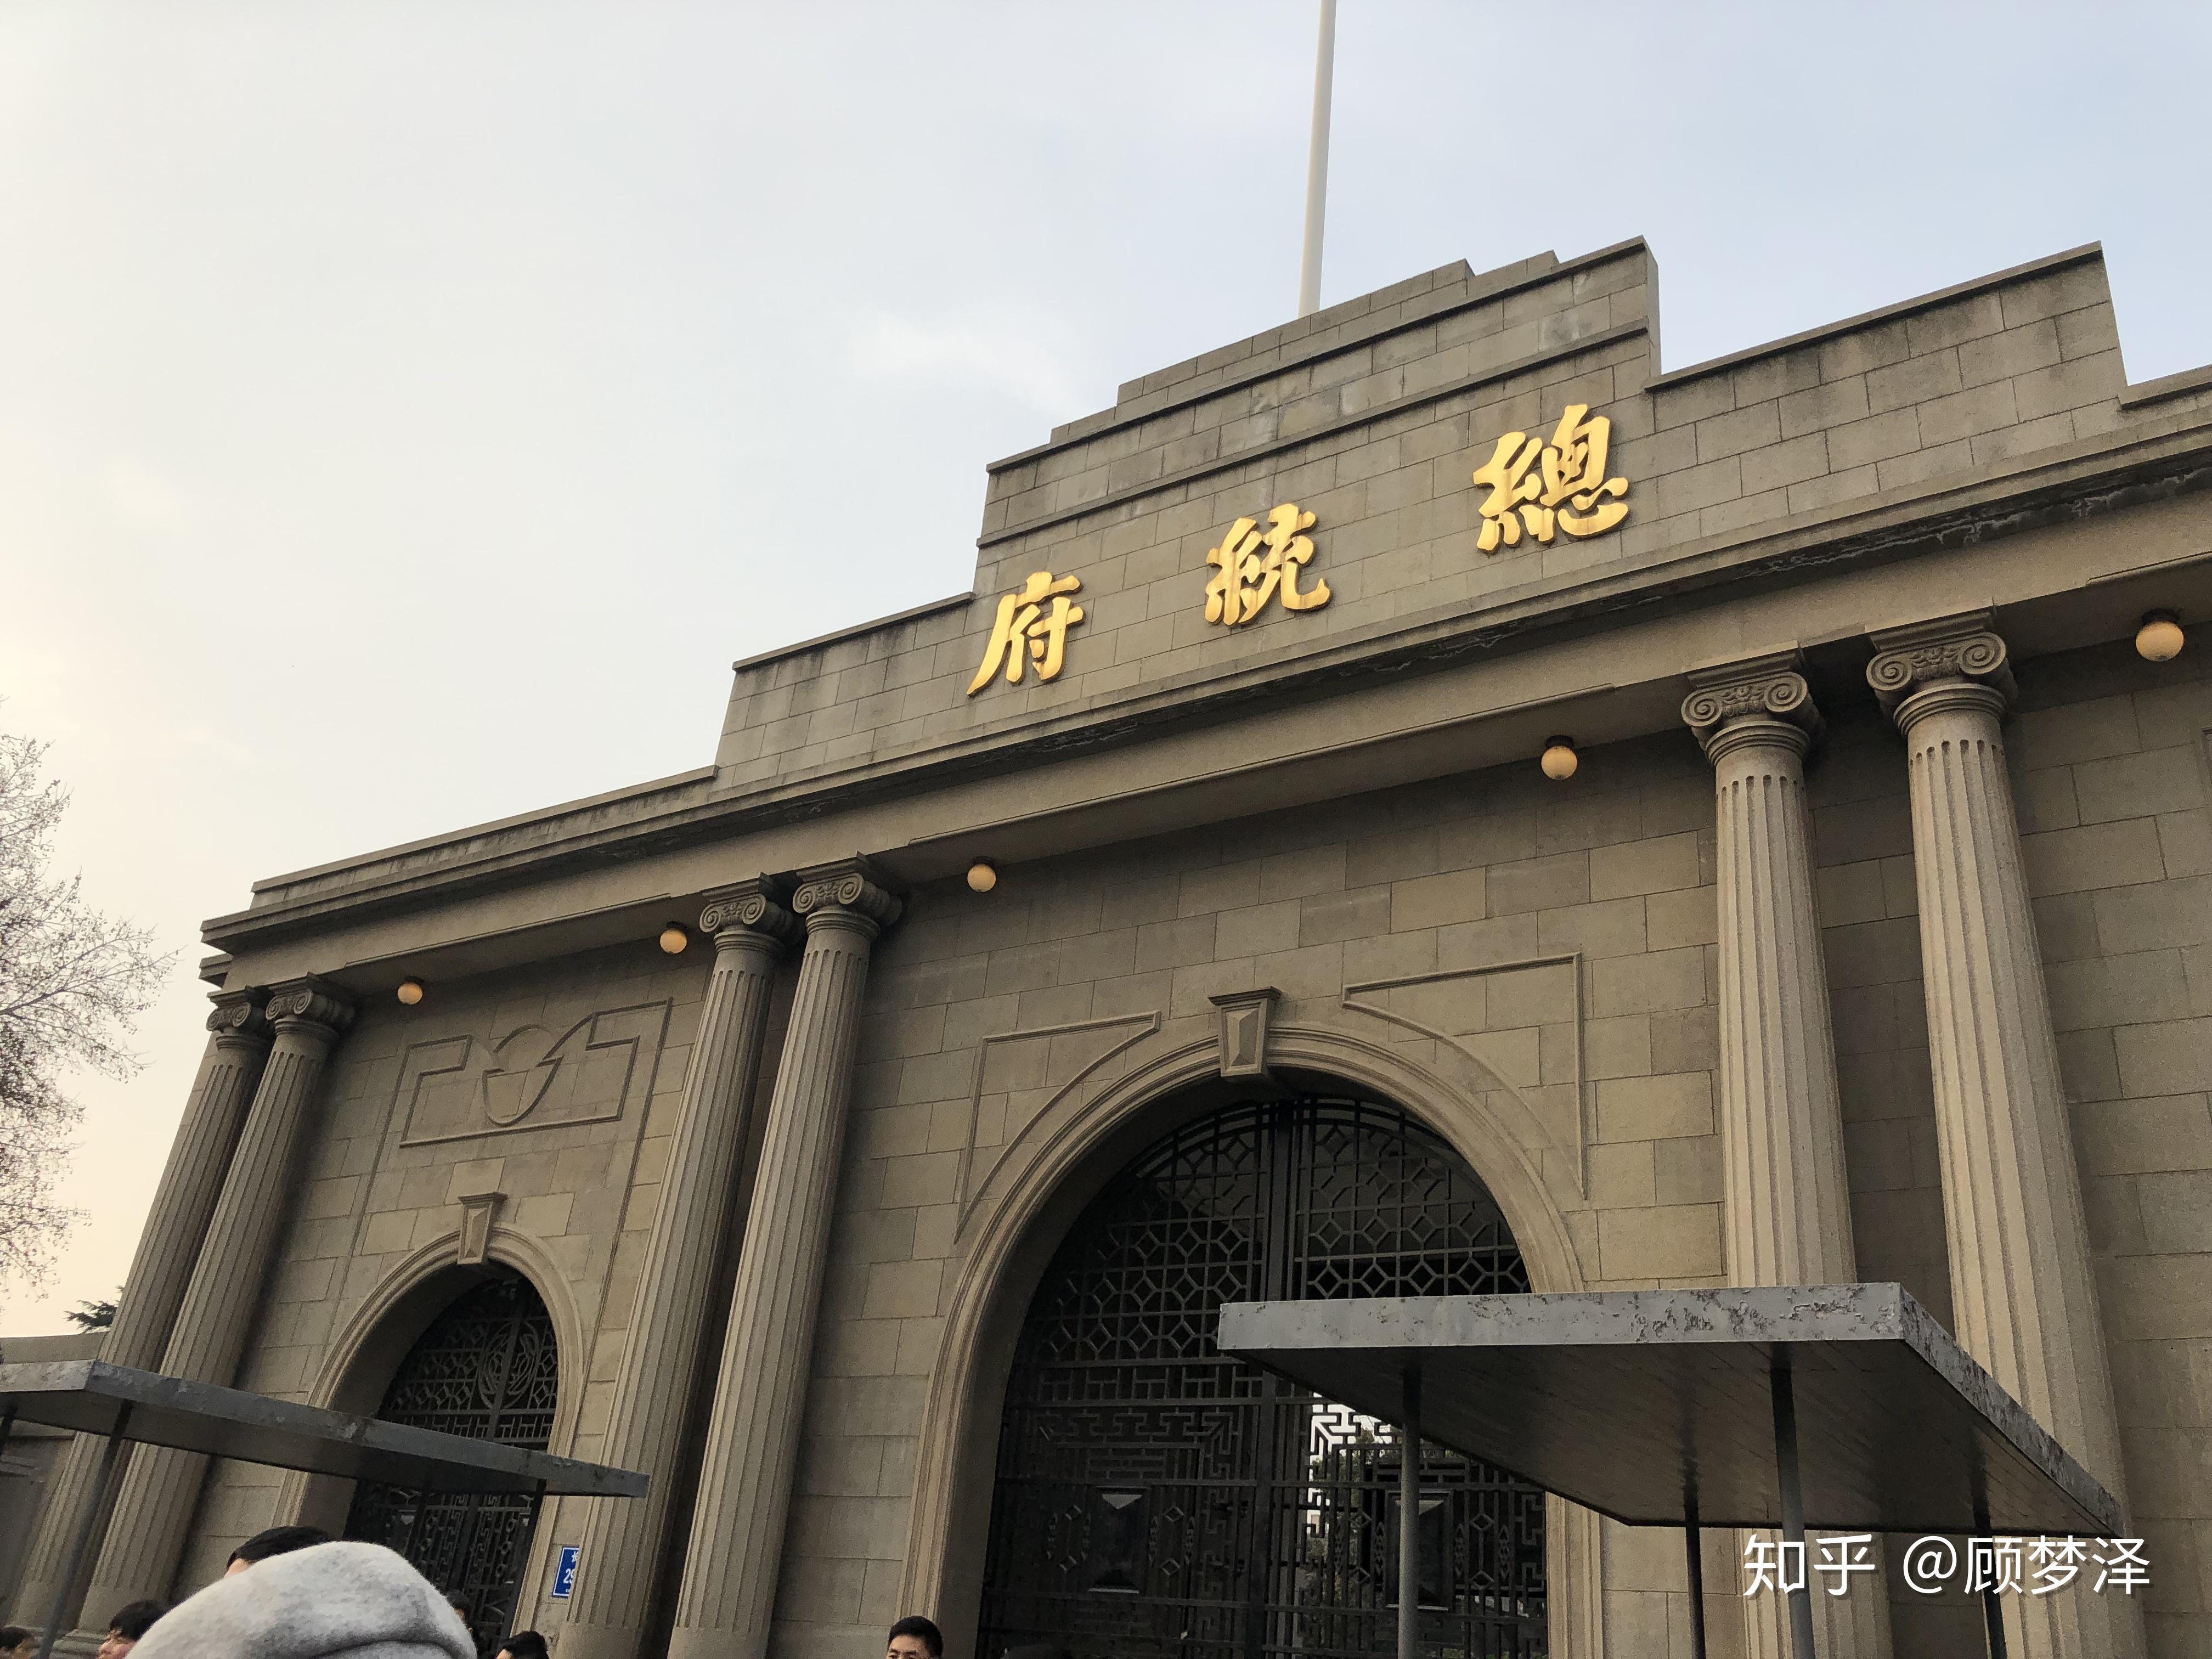 总统府和中山陵_去江苏旅游有哪些实用建议和攻略? - 知乎